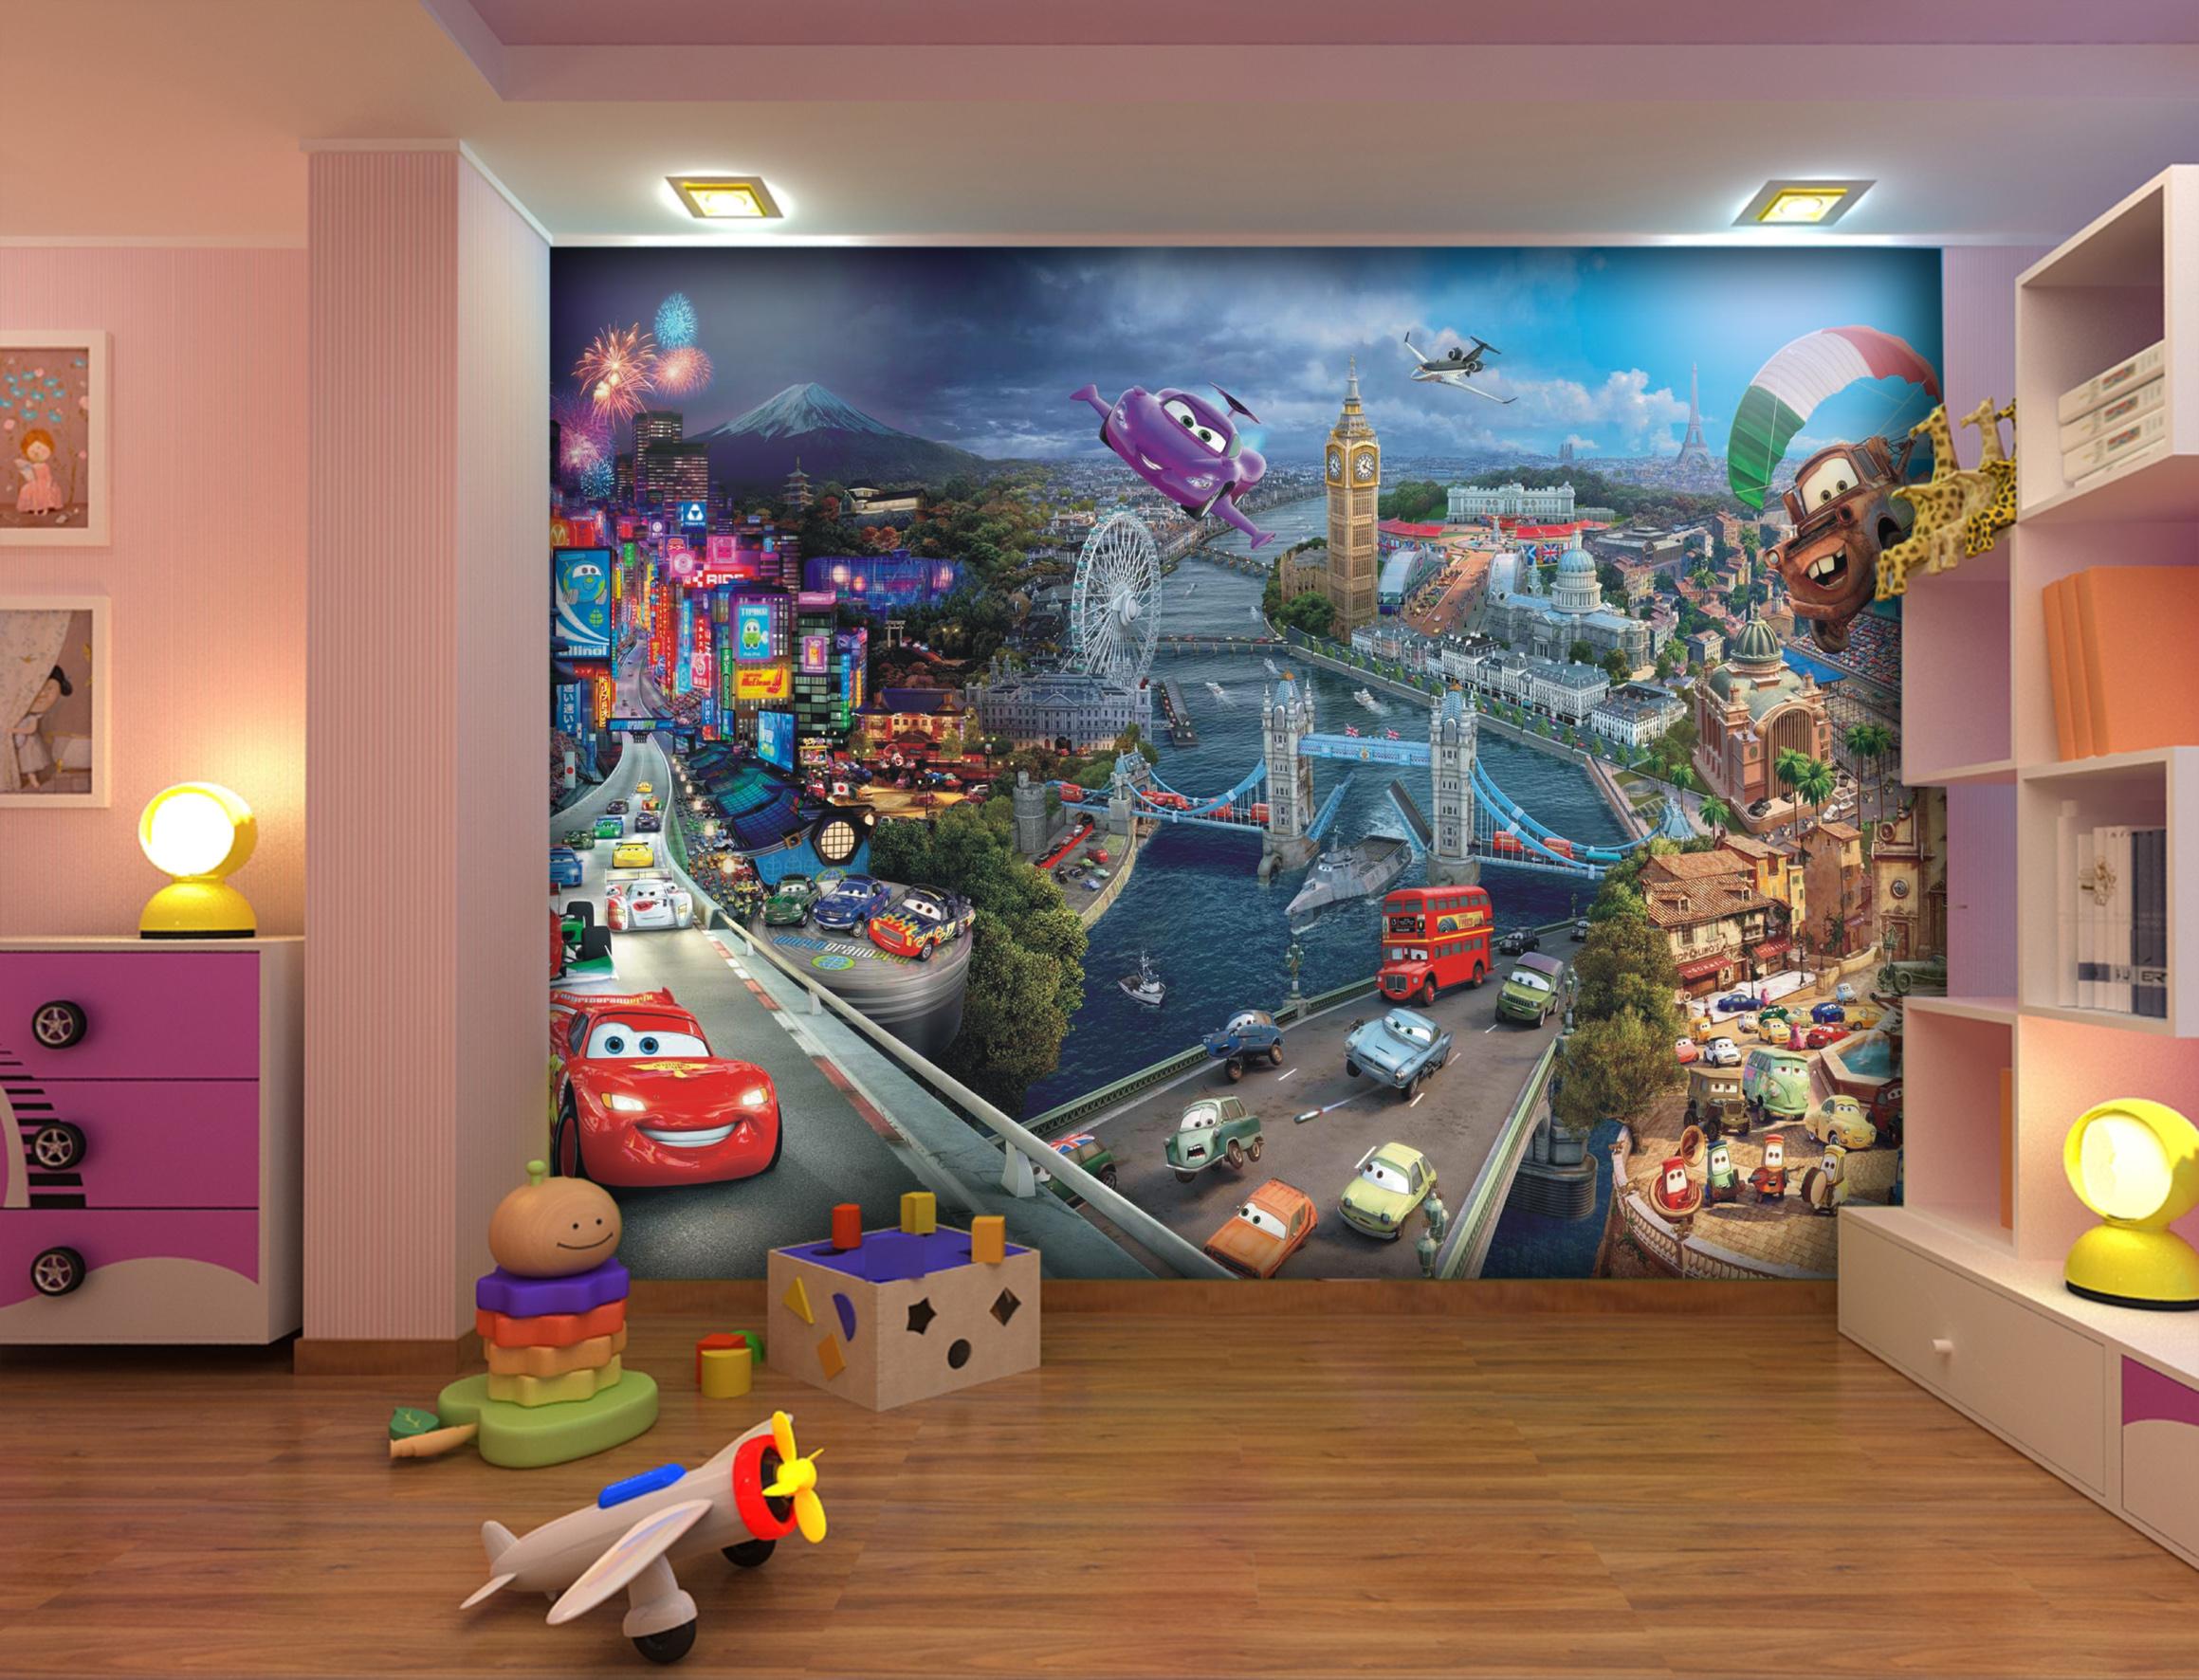 Фотообои в детской комнате для мальчика фото идеи интерьера